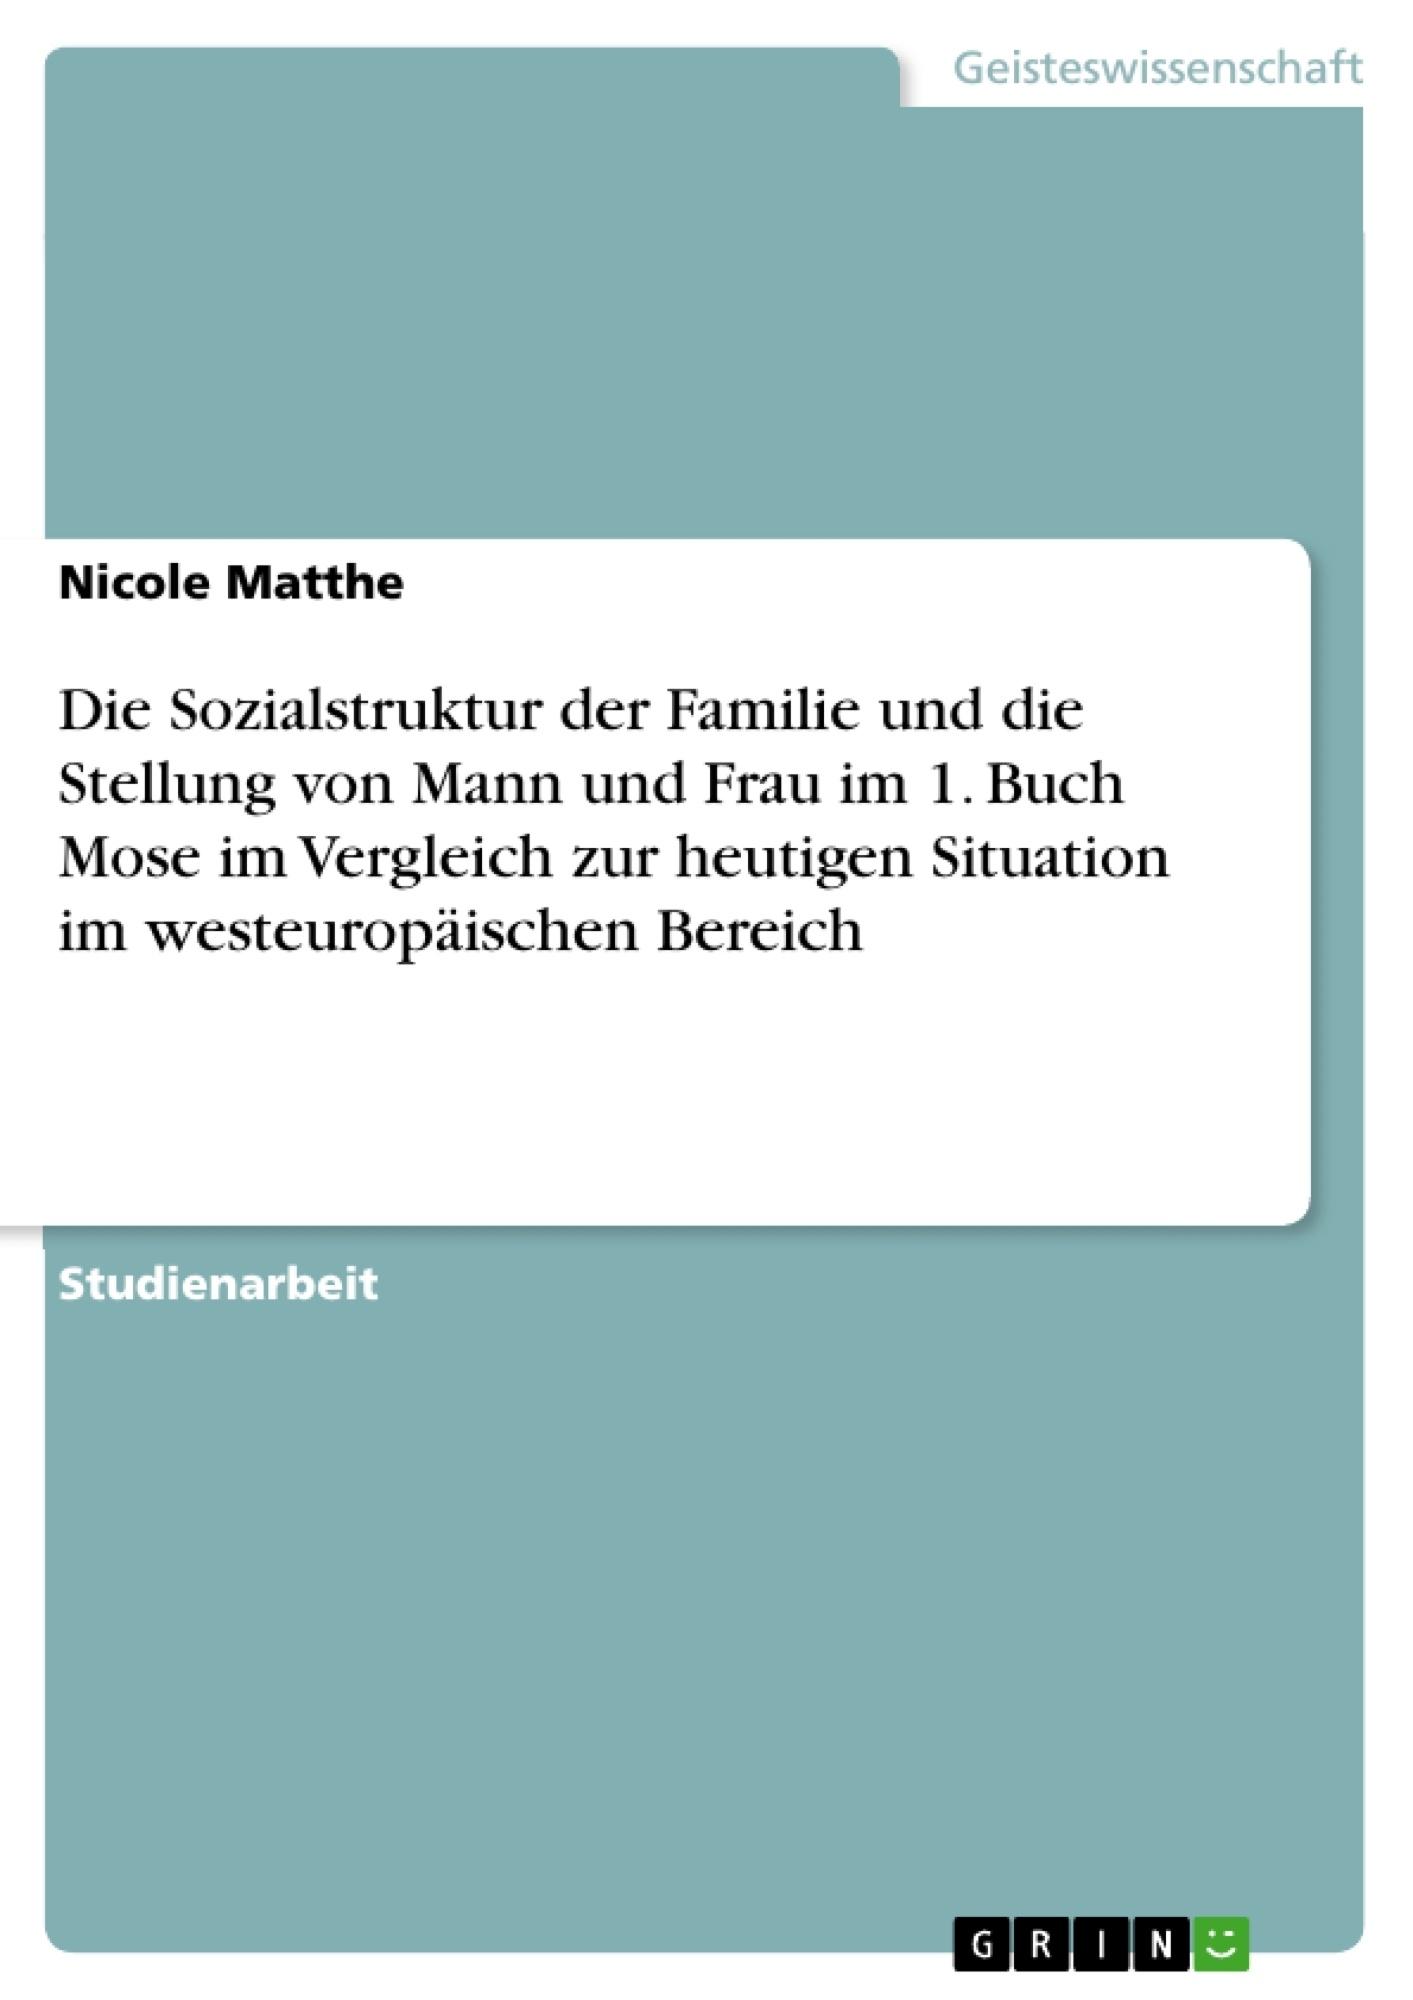 Titel: Die Sozialstruktur der Familie und die Stellung von Mann und Frau im 1. Buch Mose im Vergleich zur heutigen Situation im westeuropäischen Bereich